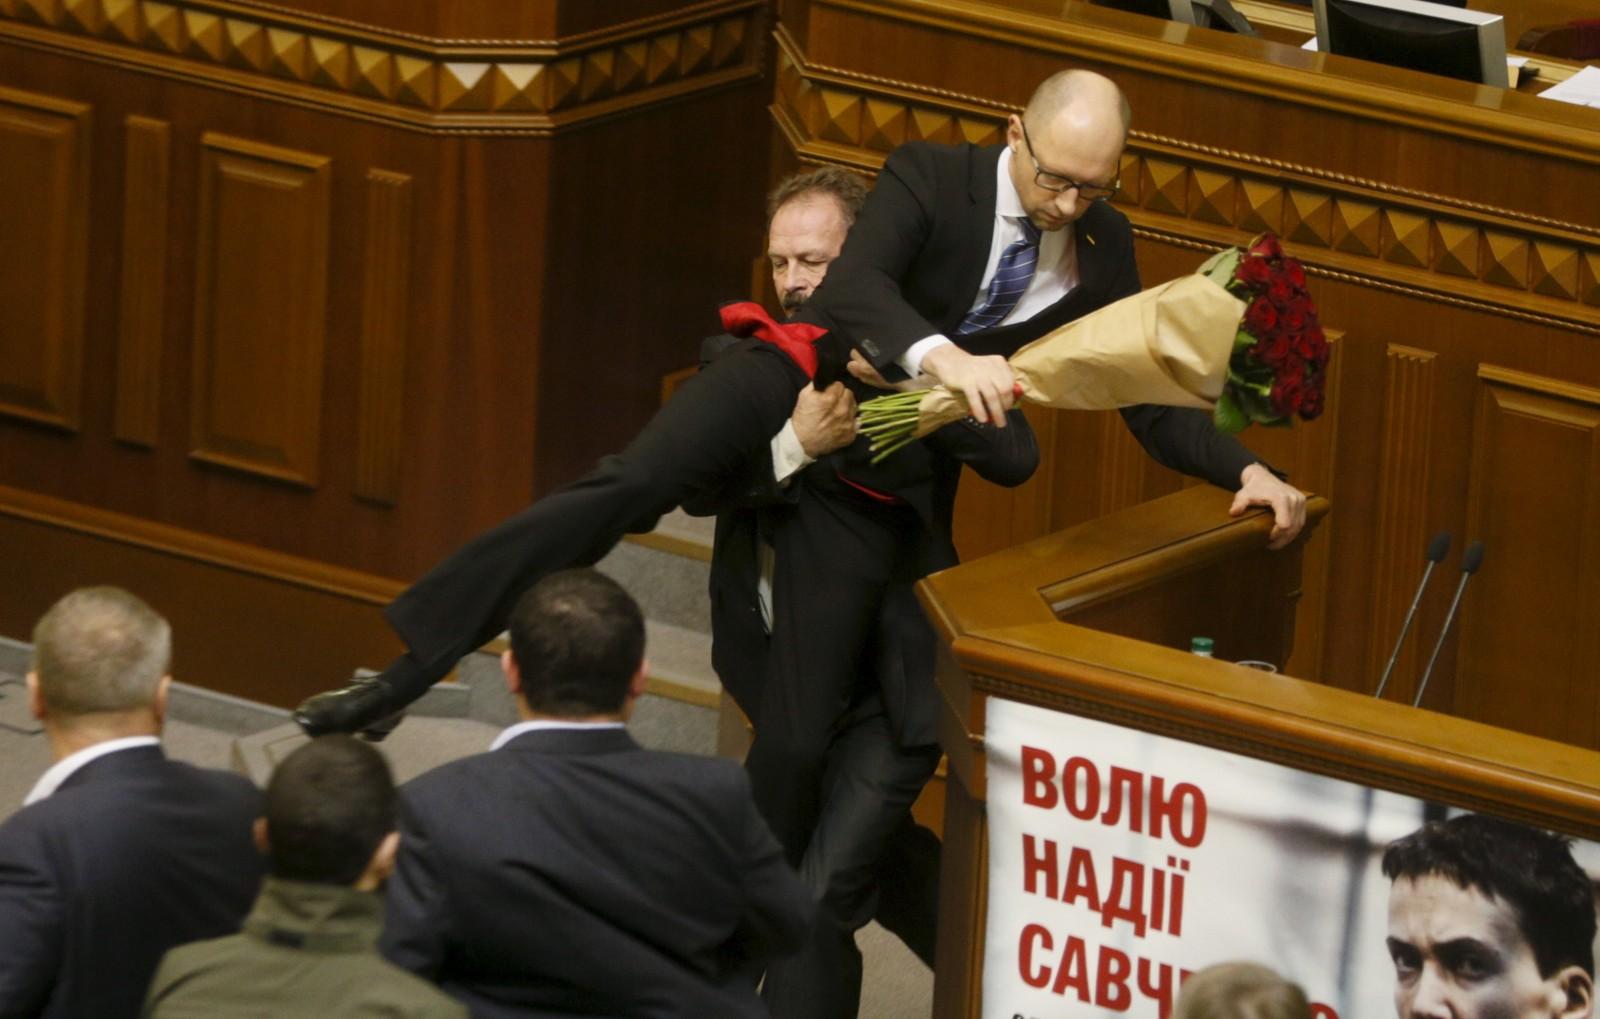 Parlamentsmedlem Oleg Barna ble så sint at han først, sarkastisk ga statsminister Arseny Yatseniuk en bukett roser, før han fysisk løftet ham ned fra talerstolen under et møte i det ukrainske parlamentet i Kiev fredag. Hendelsen førte til flere minutters bråk og slåssing, ifølge nyhetsbyrået Reuters.